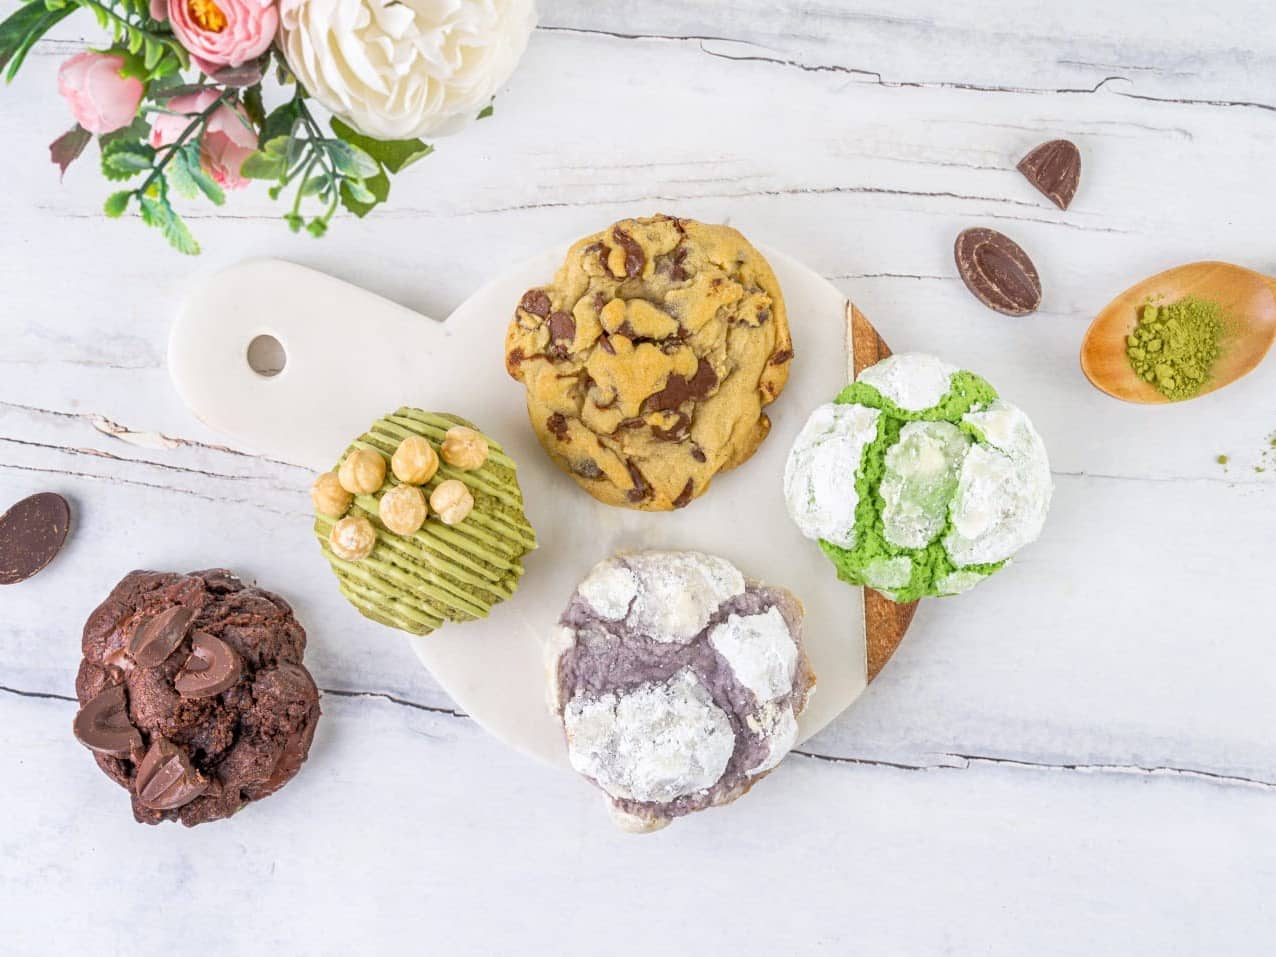 1 x Chubby Cookies (3 pcs)